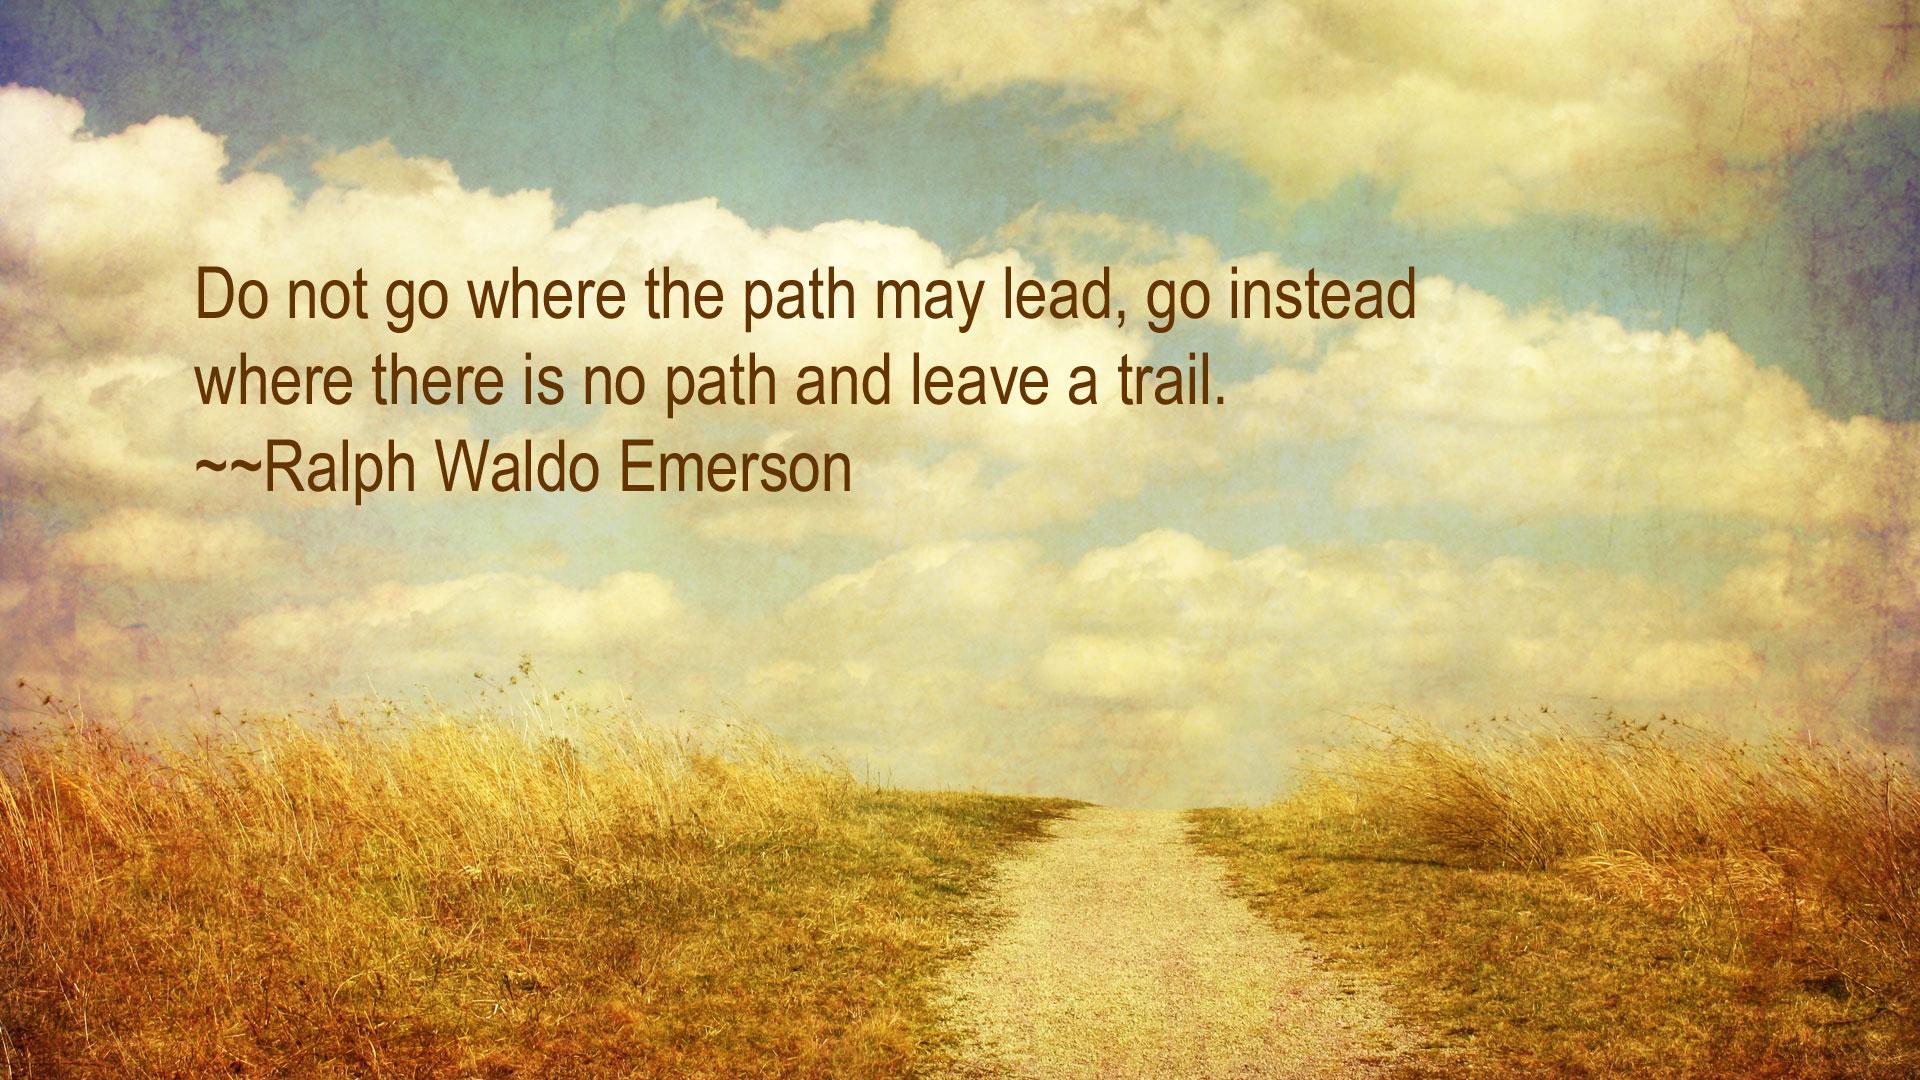 Ralph Waldo Emerson's quote #5